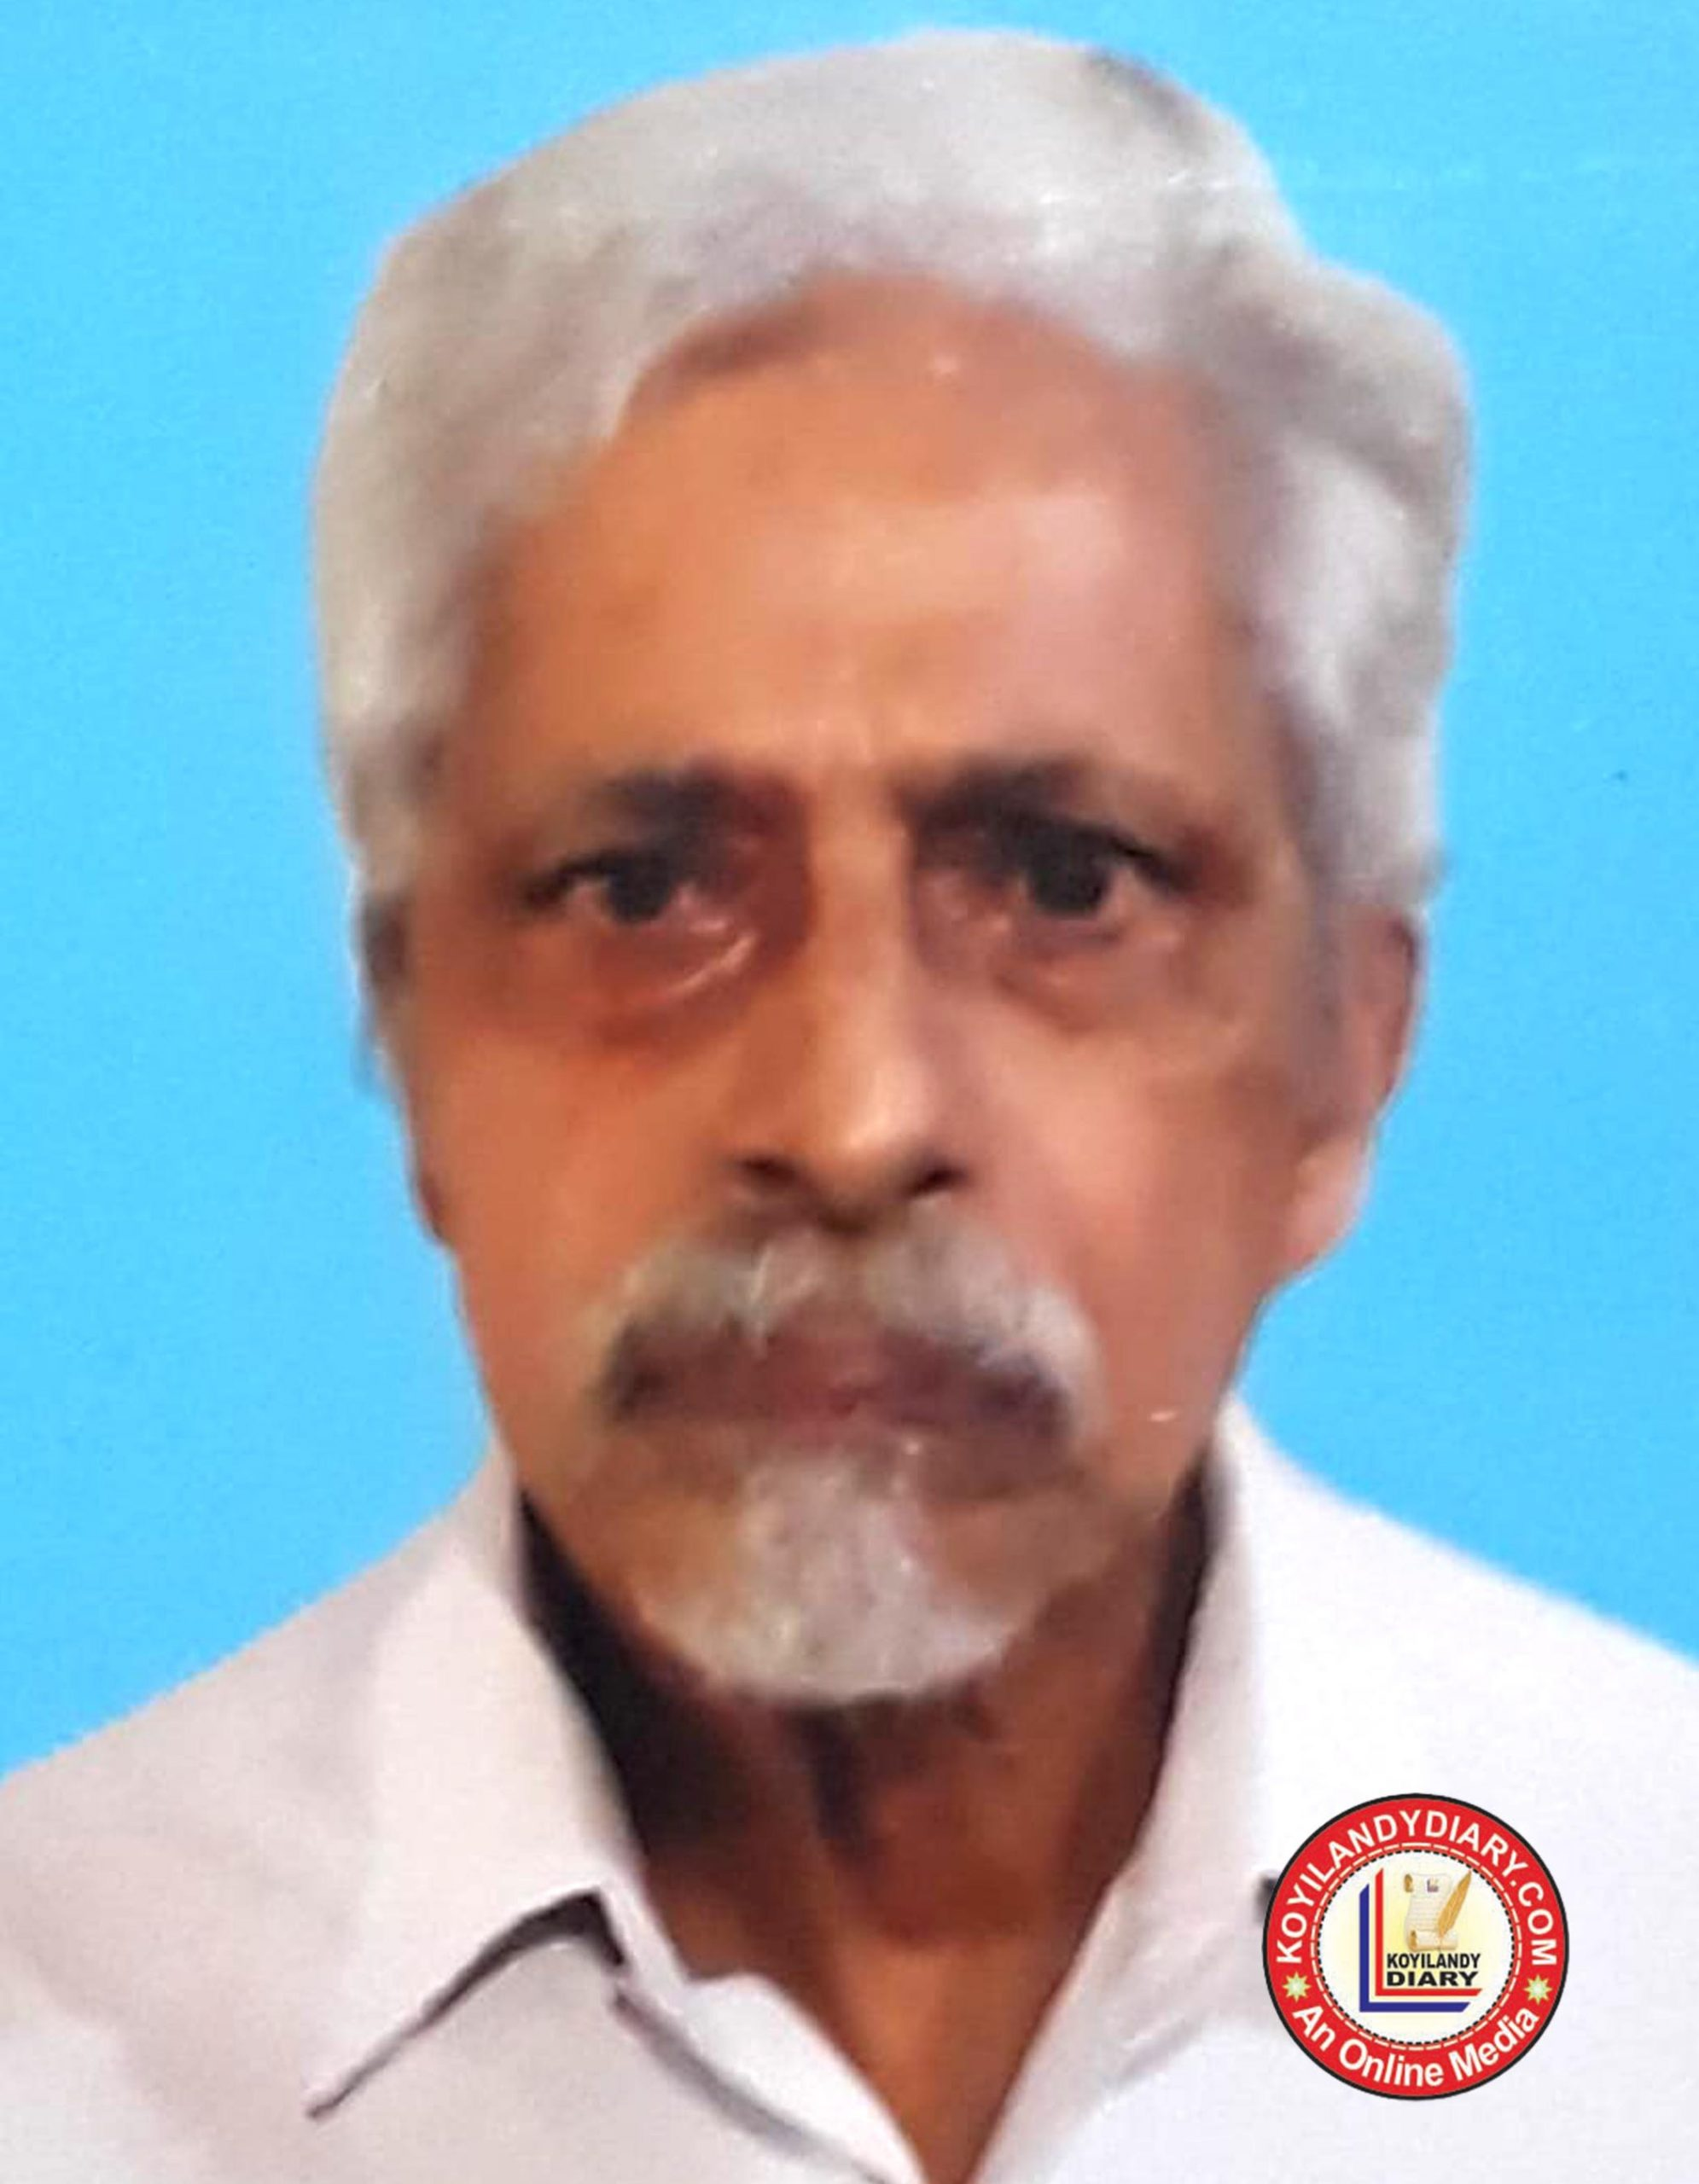 ചെങ്ങോട്ടുകാവ് അരങ്ങാടത്ത് എം.പി. സൈക്കിള്സ് ഉടമ കുറ്റിയില് എം.പി.കുഞ്ഞിരാമന് (85)